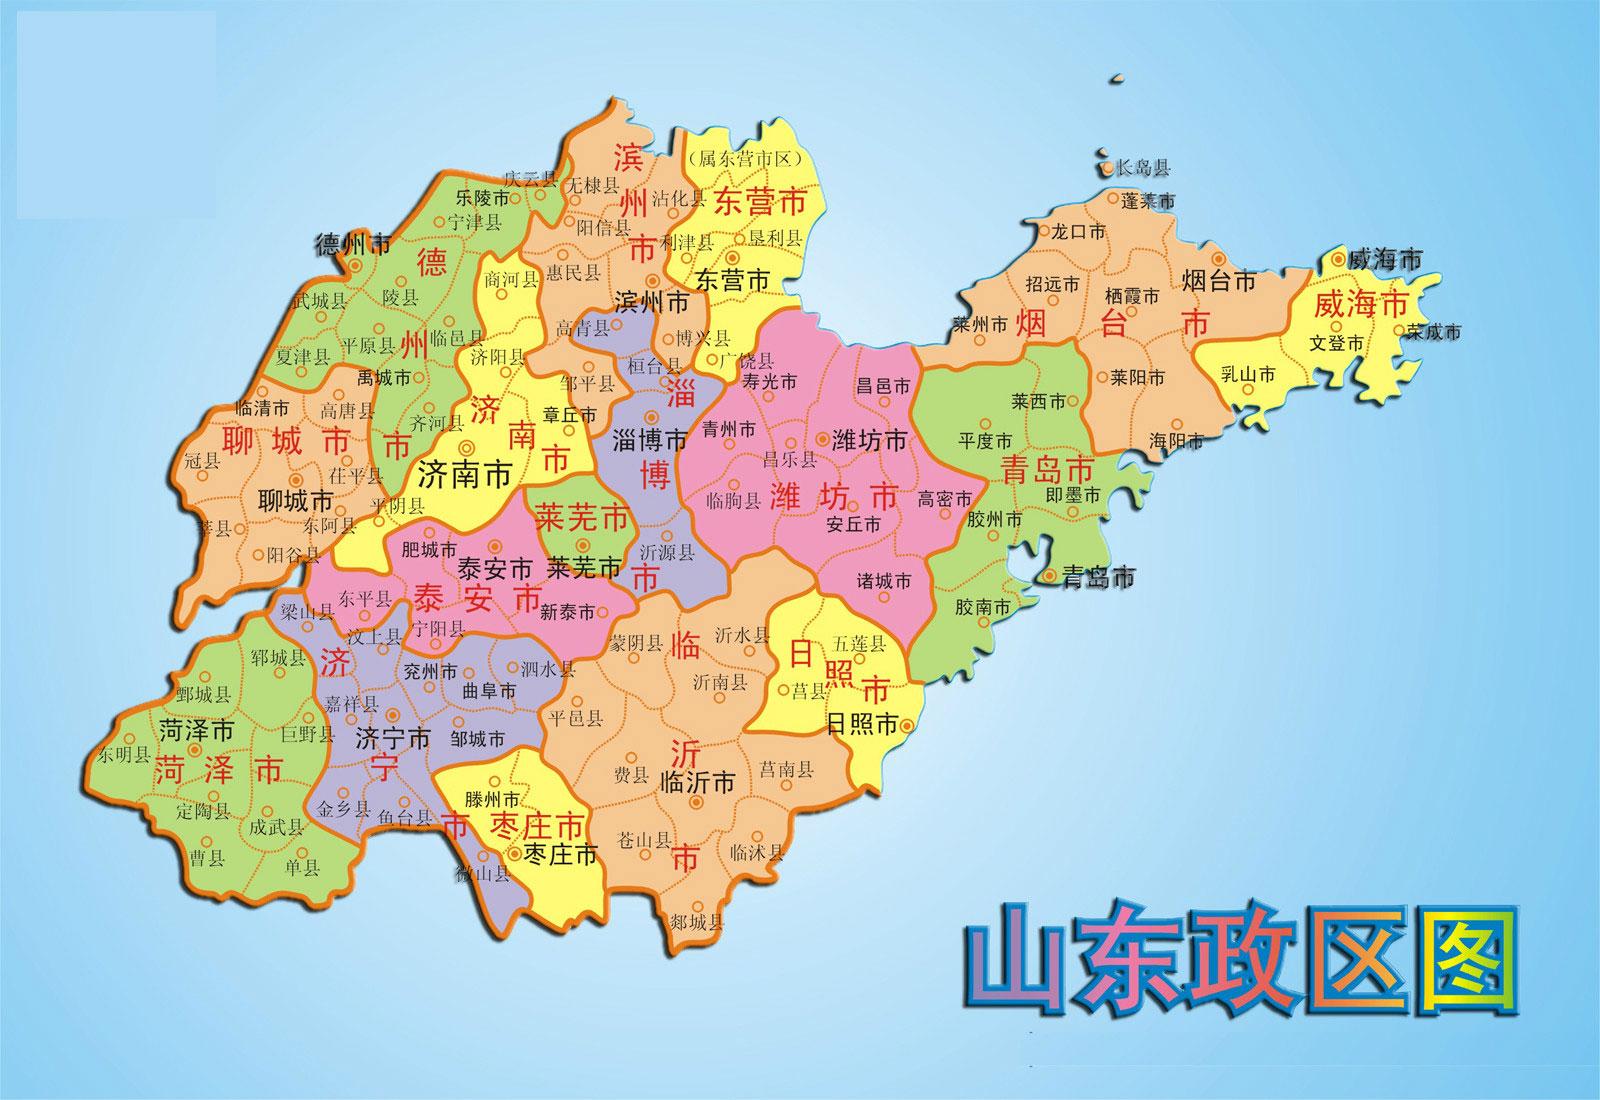 山东省行政区域图_山东地图库